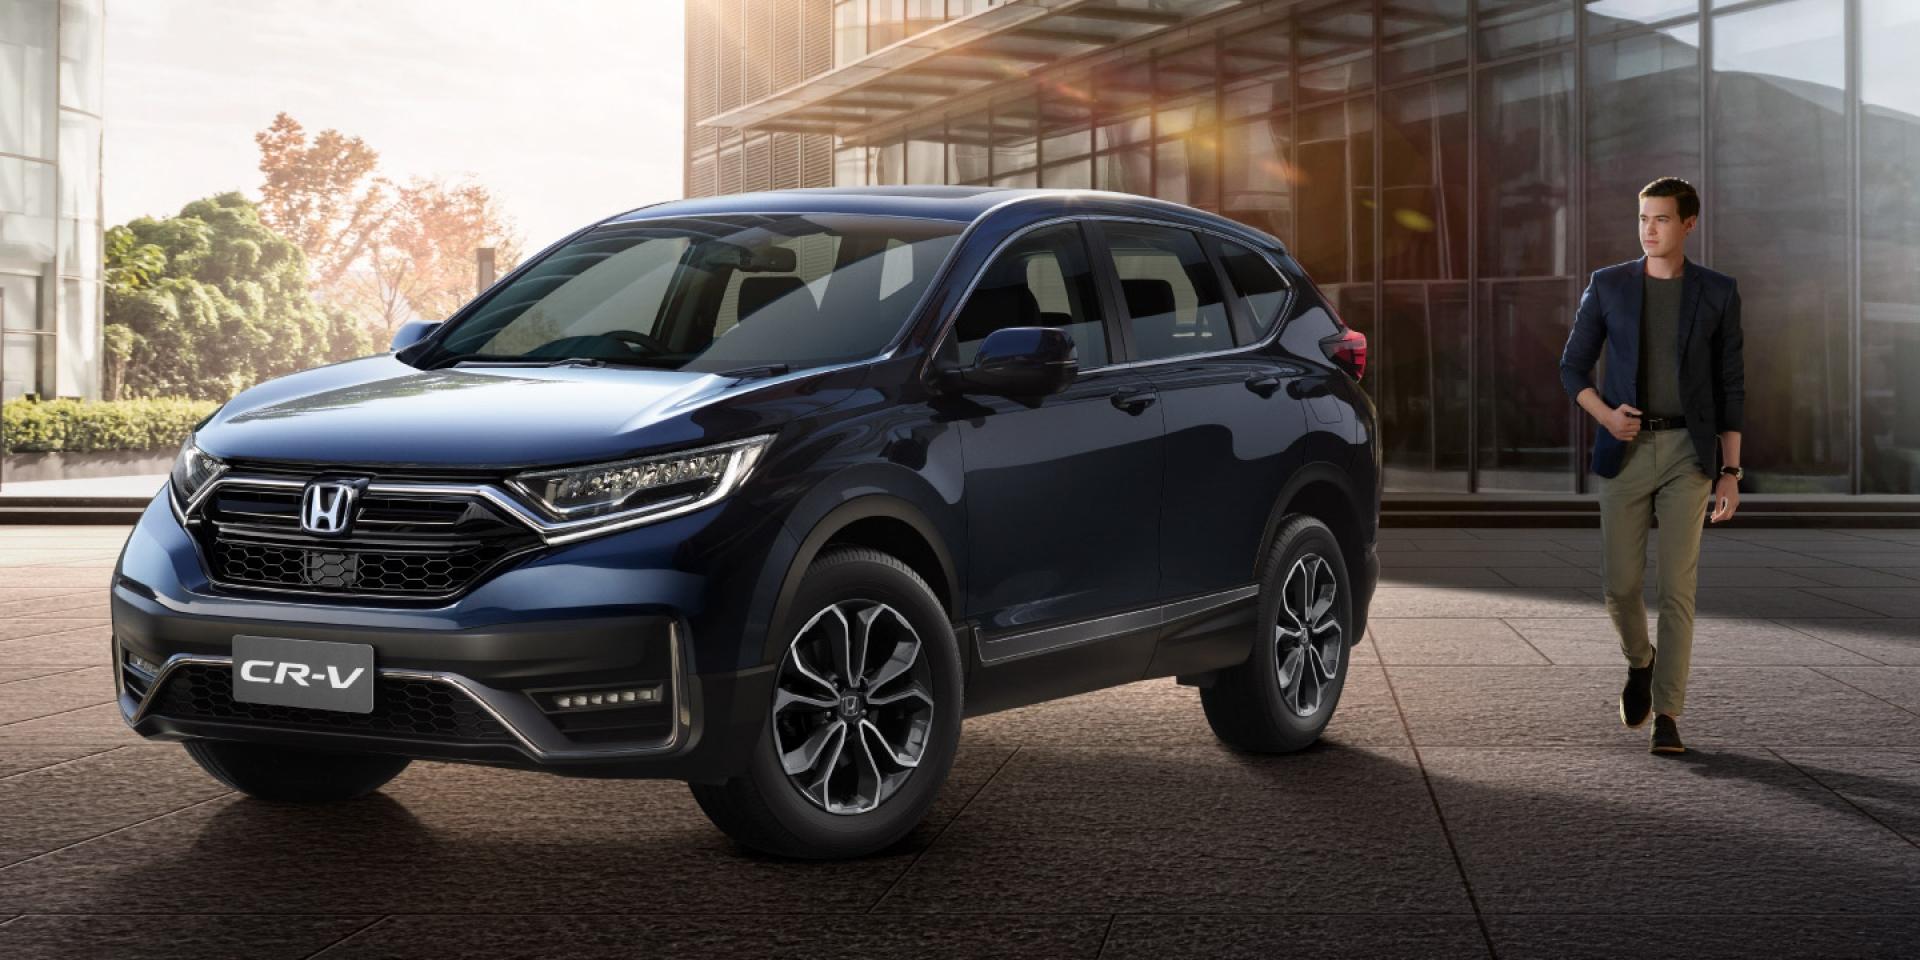 小改款Honda CR-V 96.9萬起開始預購,三等級標配Honda Sensing